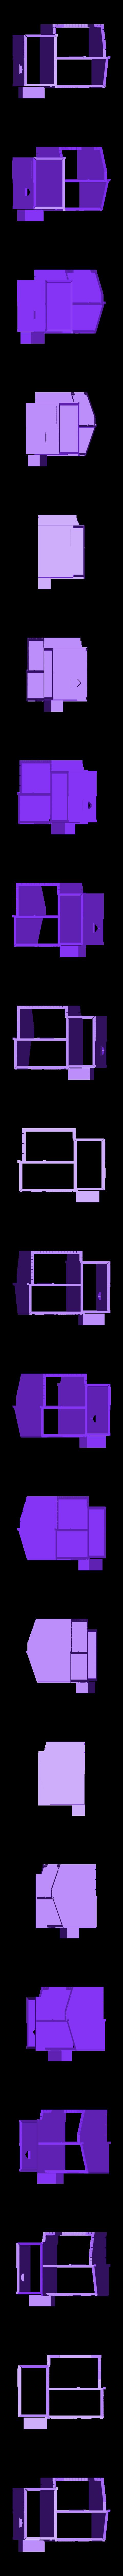 bl_a_001.stl Download free STL file Saxon Burh Market • 3D printable object, Earsling